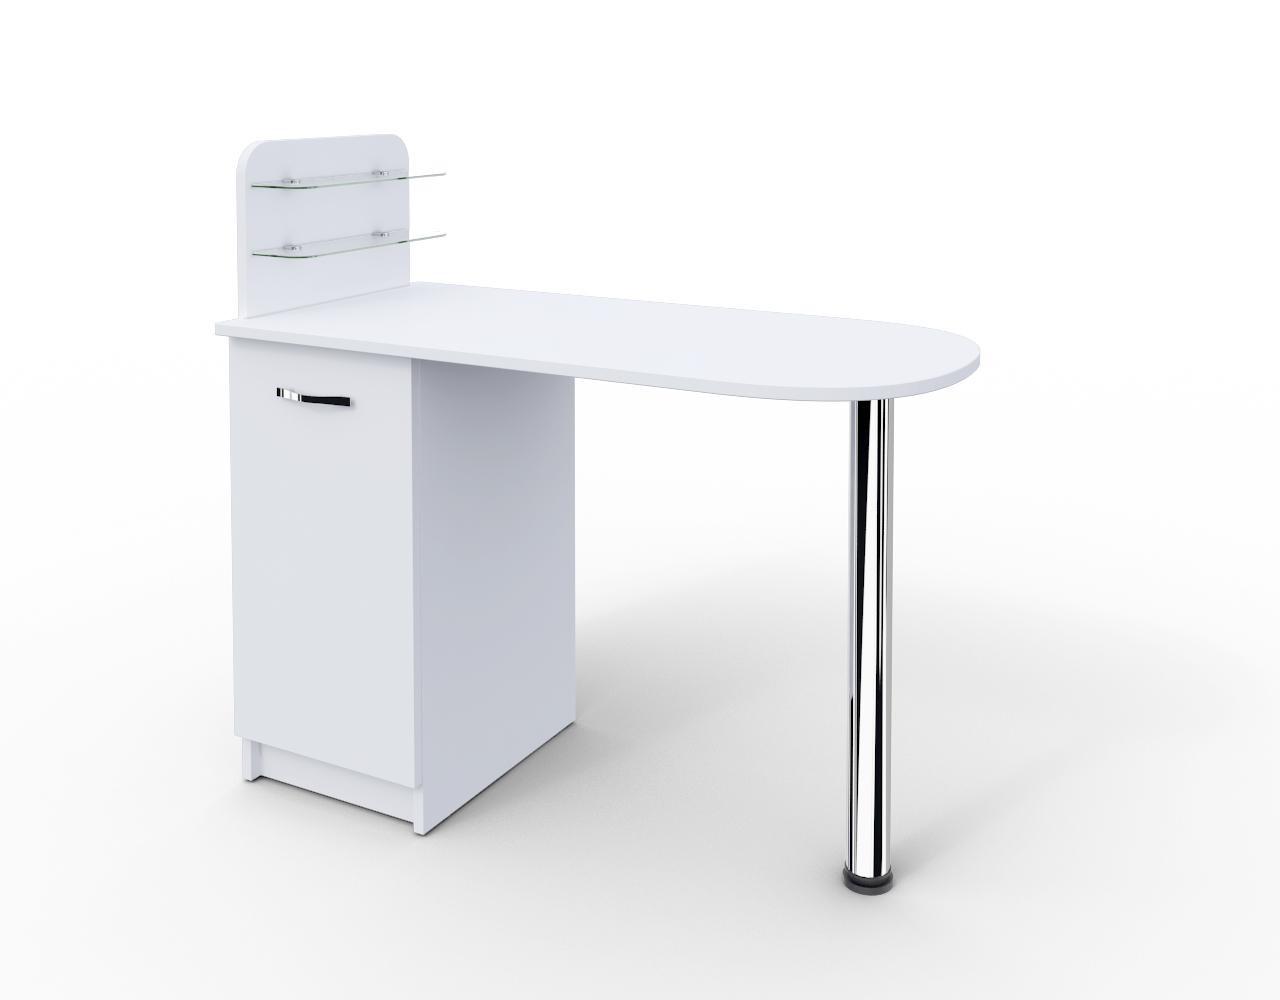 """Манікюрний стіл c поличками під лак """"Меркурій"""""""